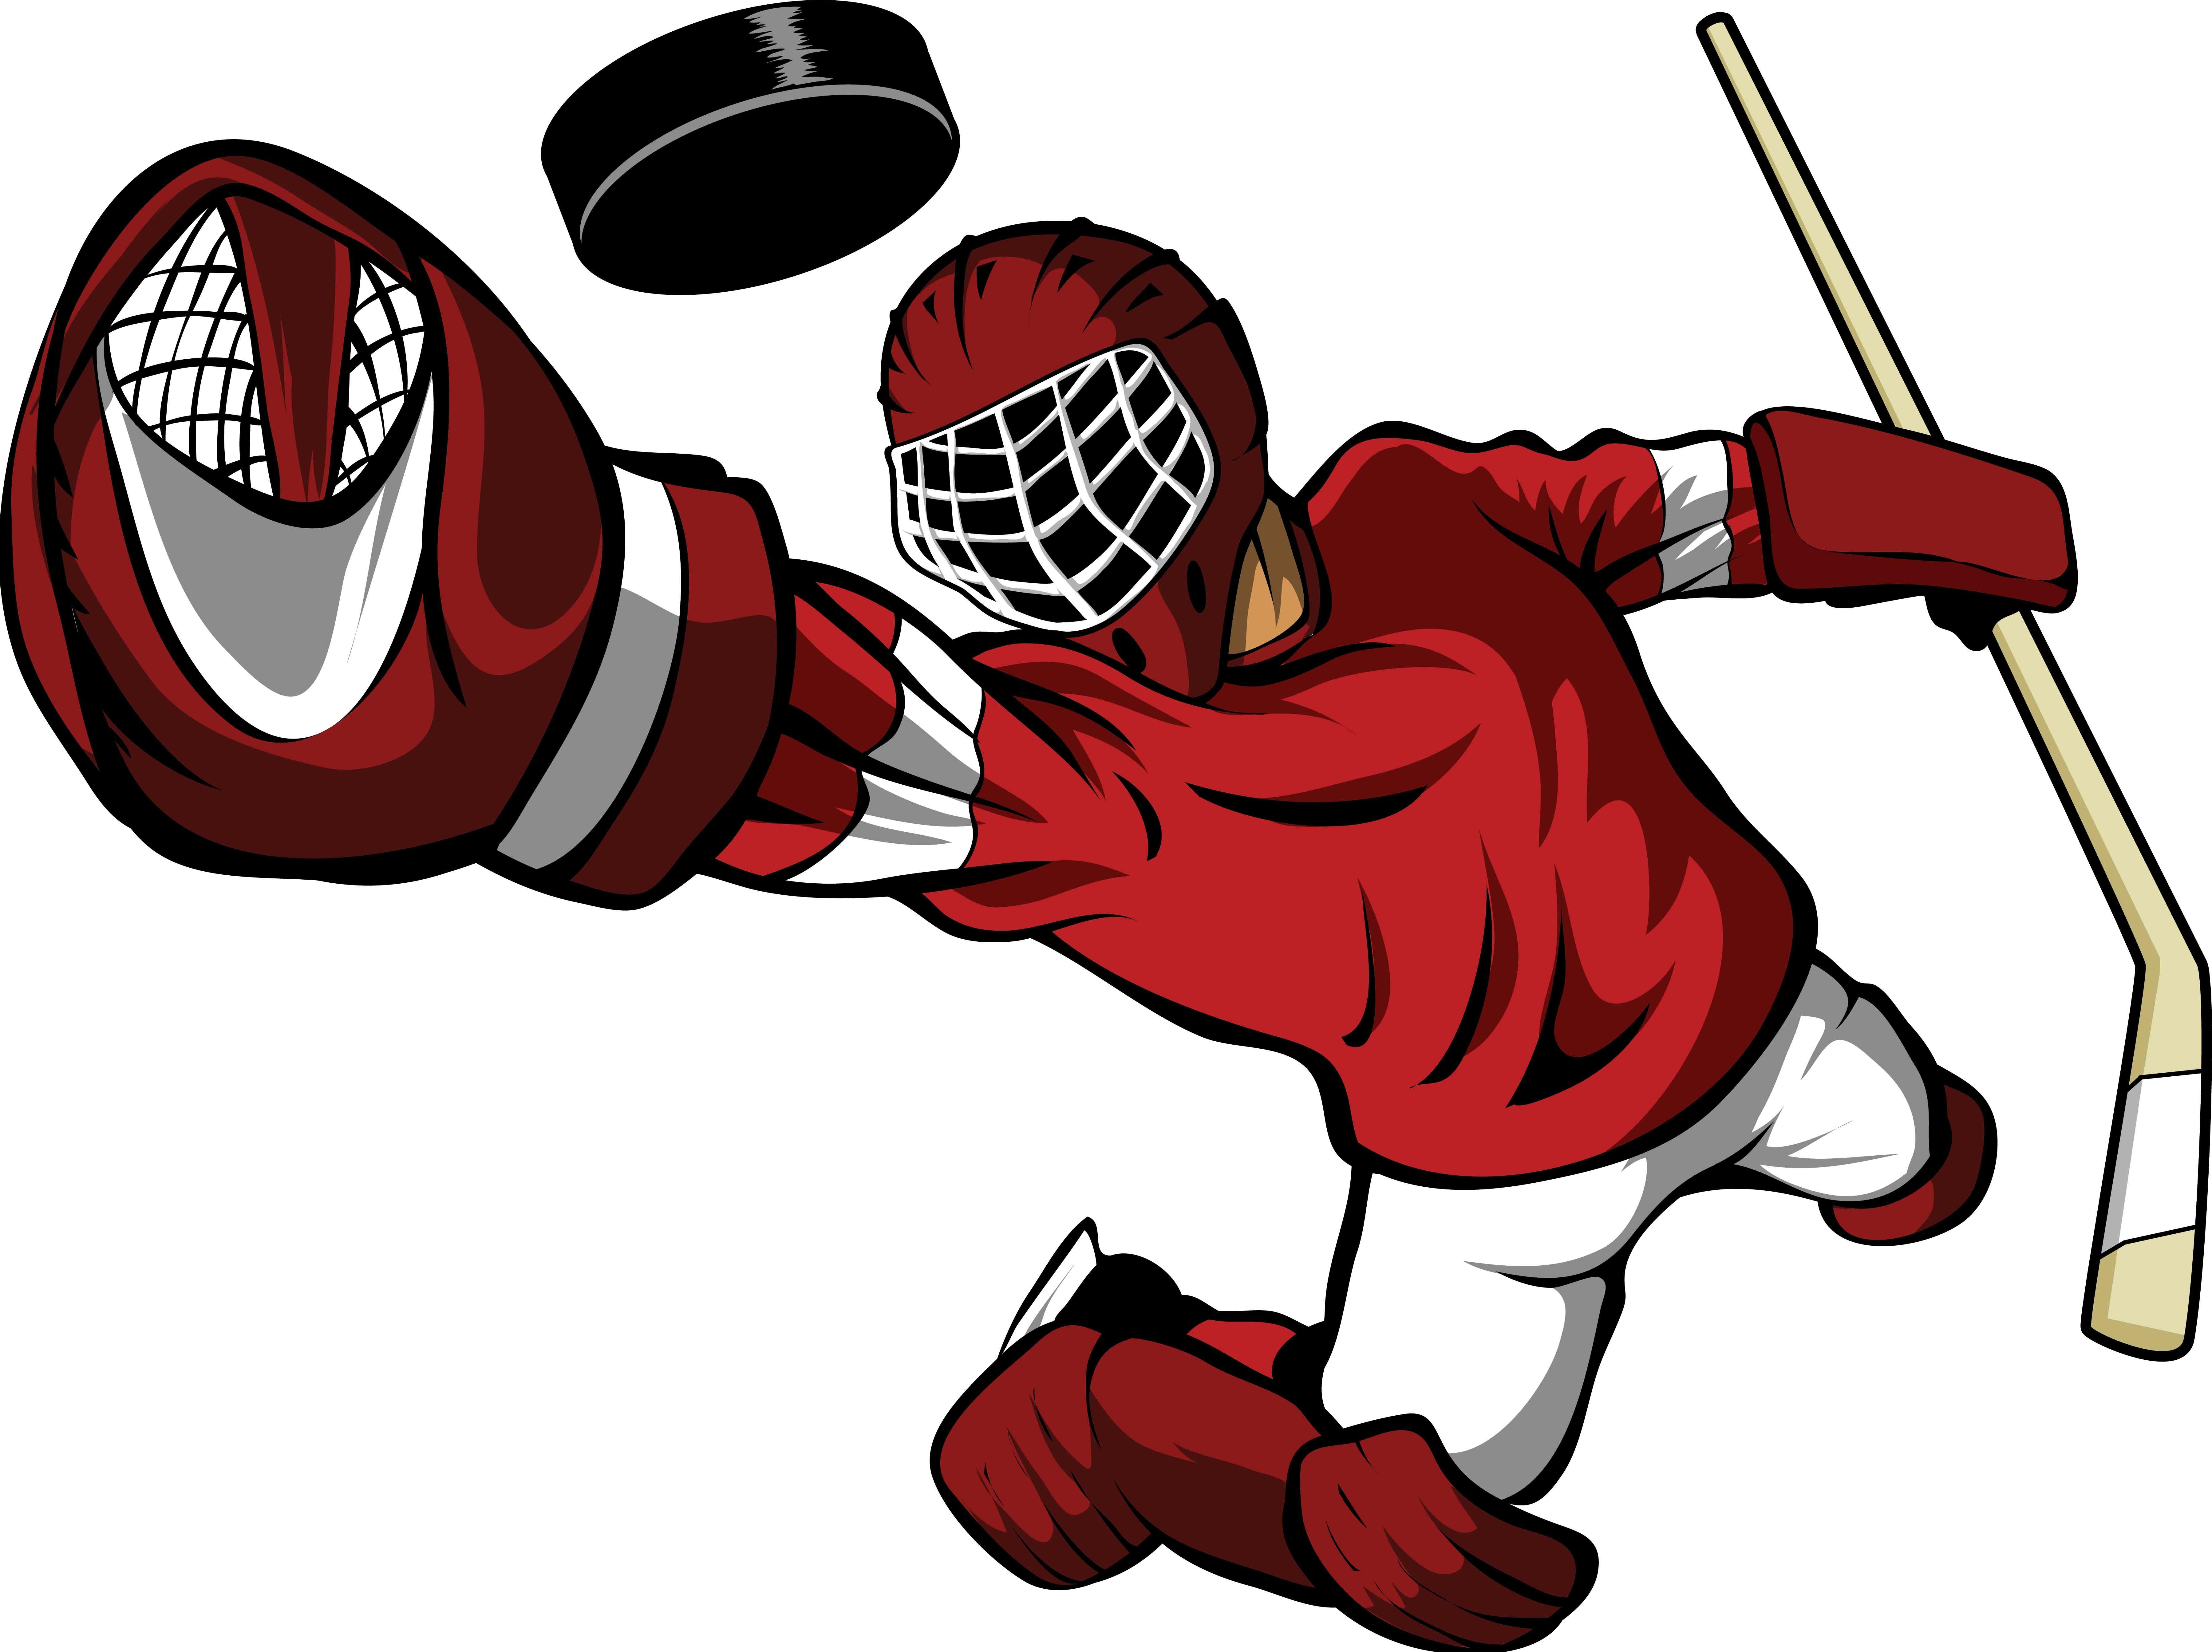 Wallhogs Winn Hockey Goalie Cutout Wall Decal Wayfair Ca